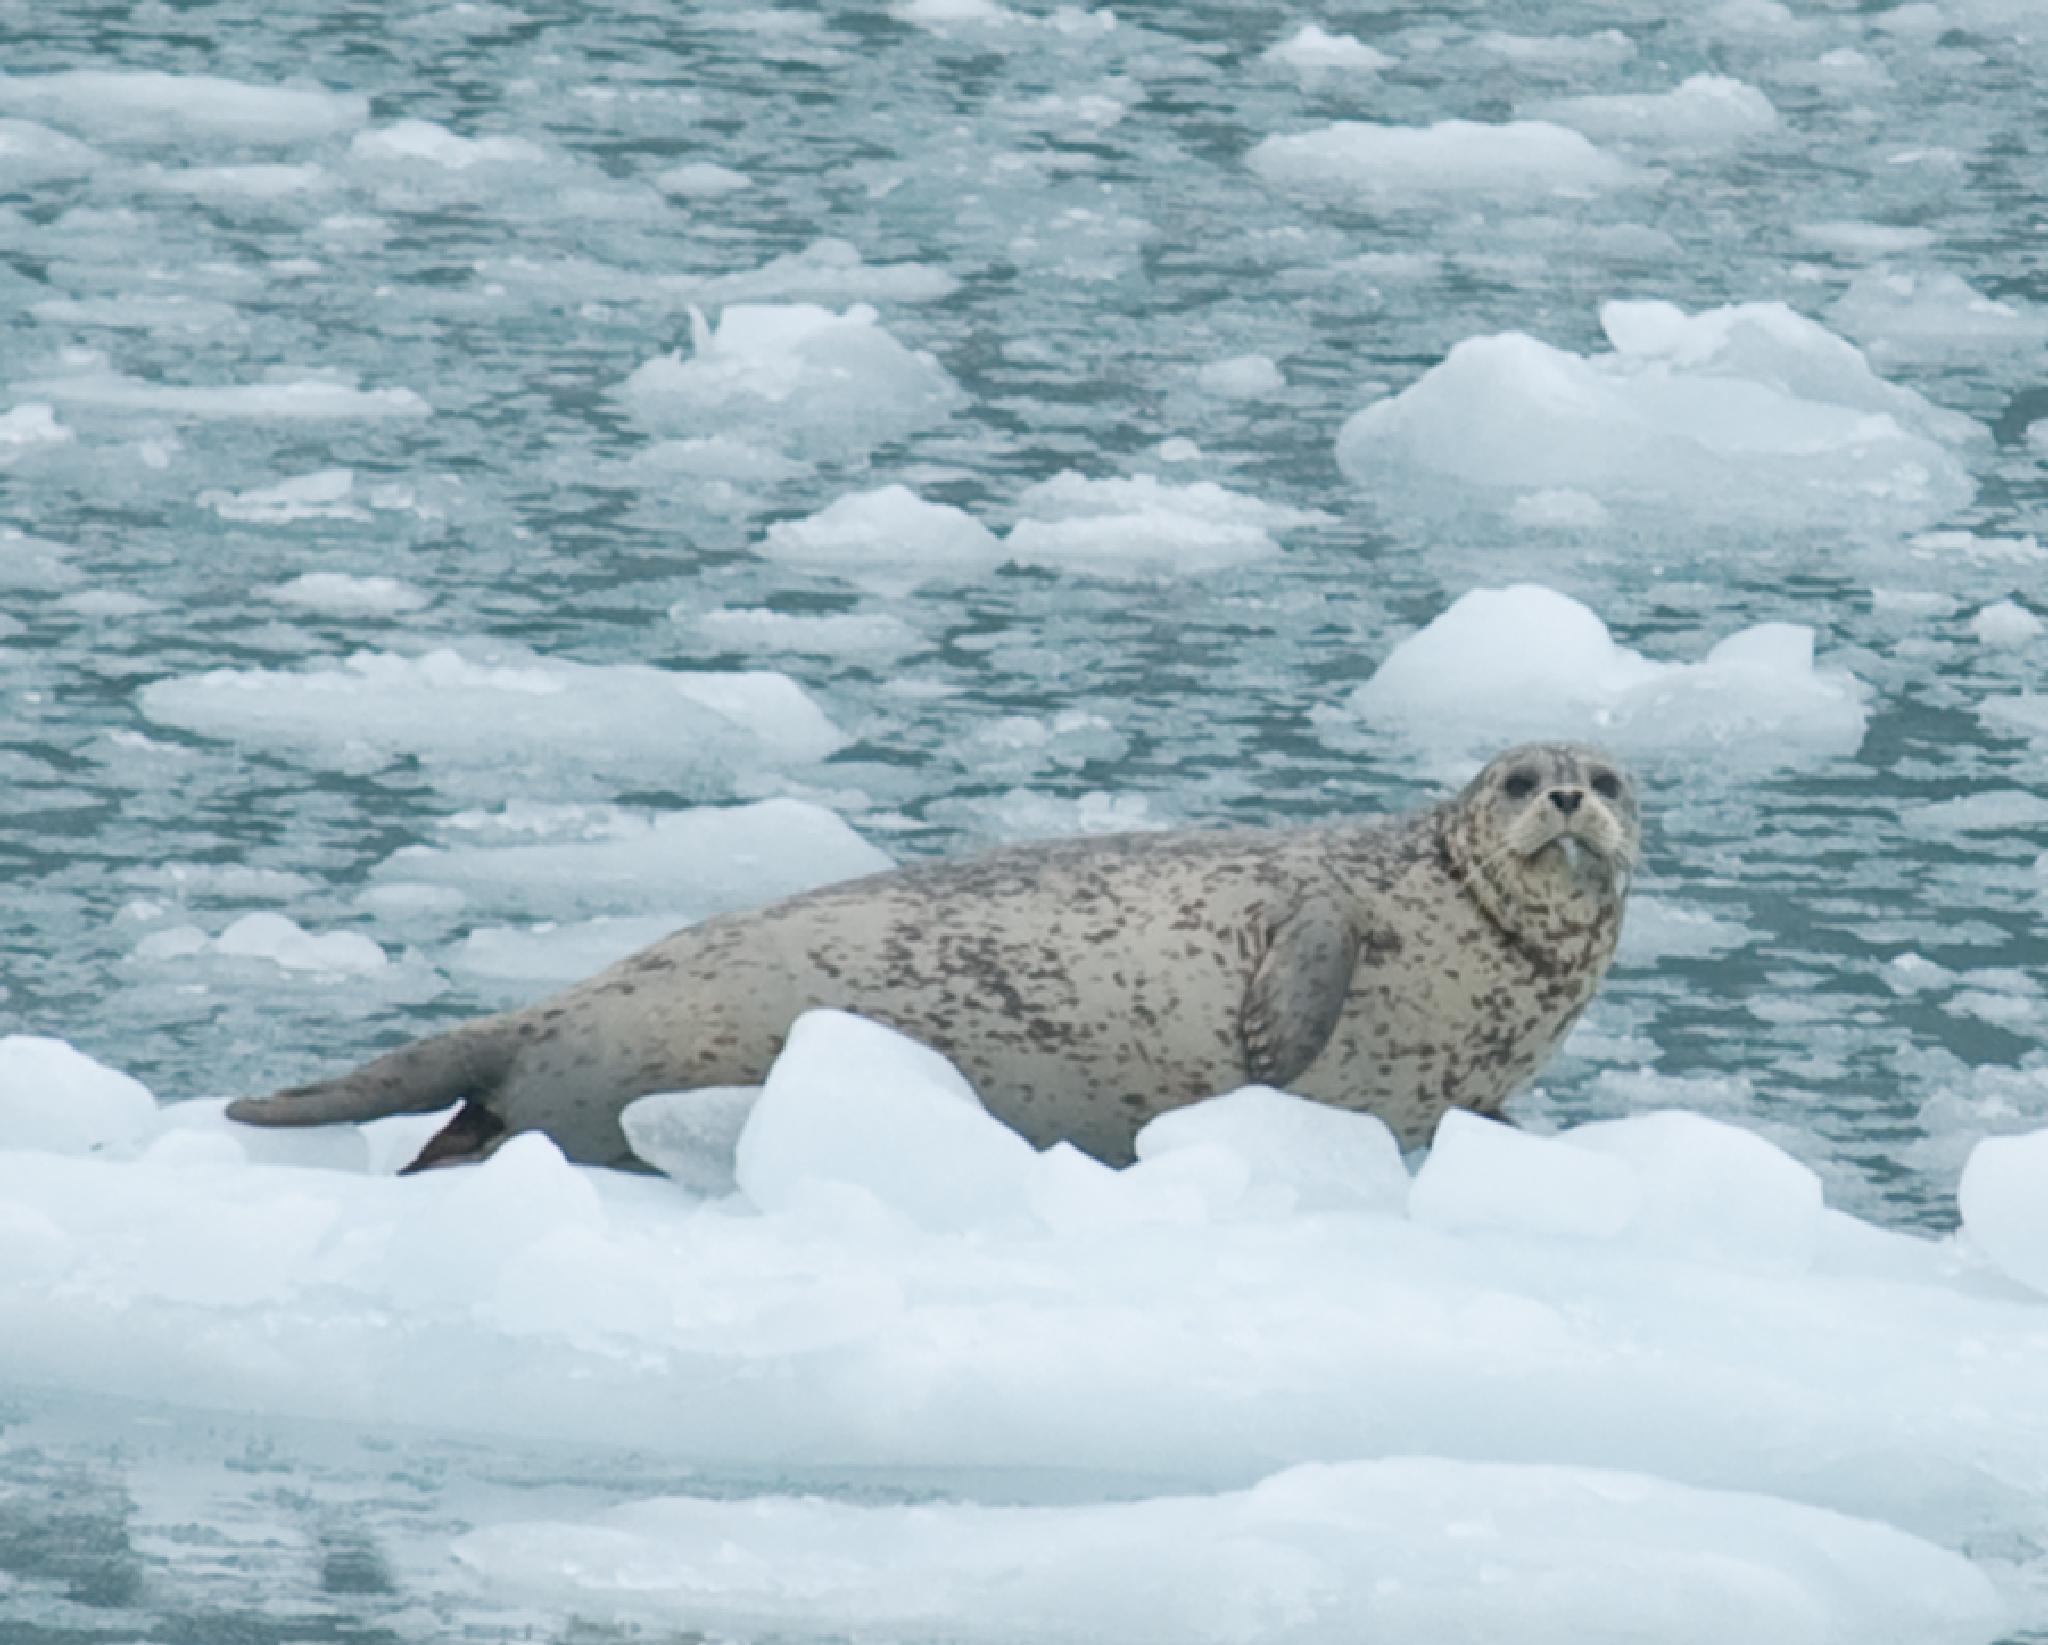 seal on ice 2 by debra.louden1